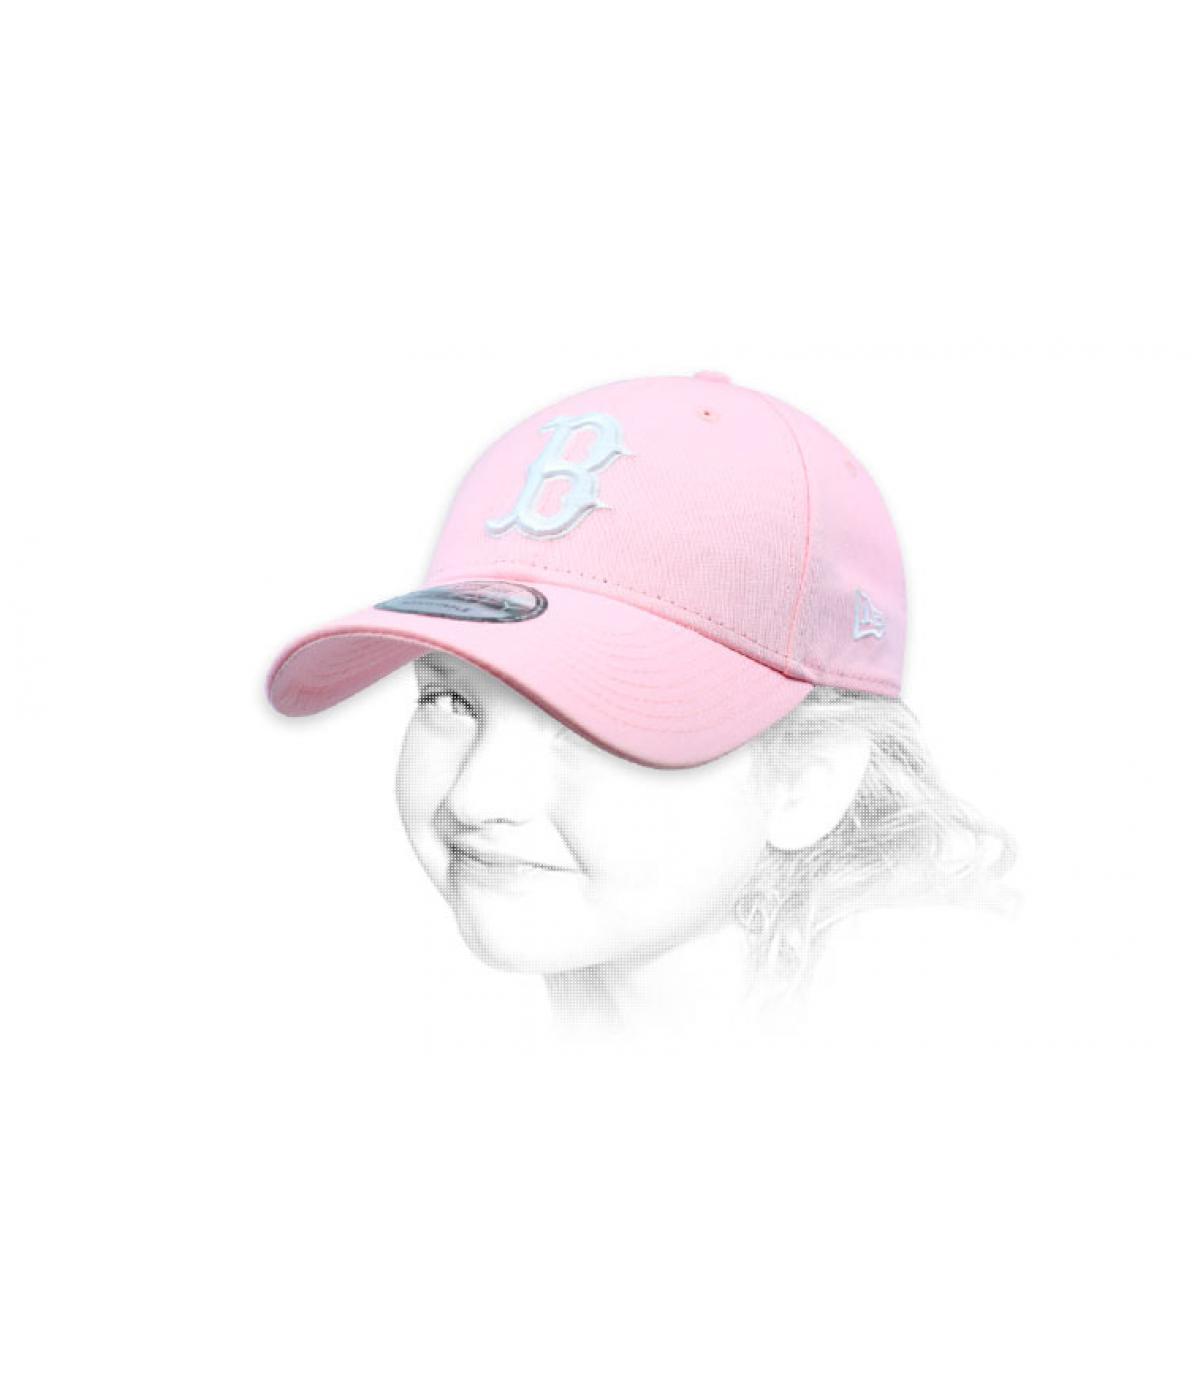 gorra infantil B rosa